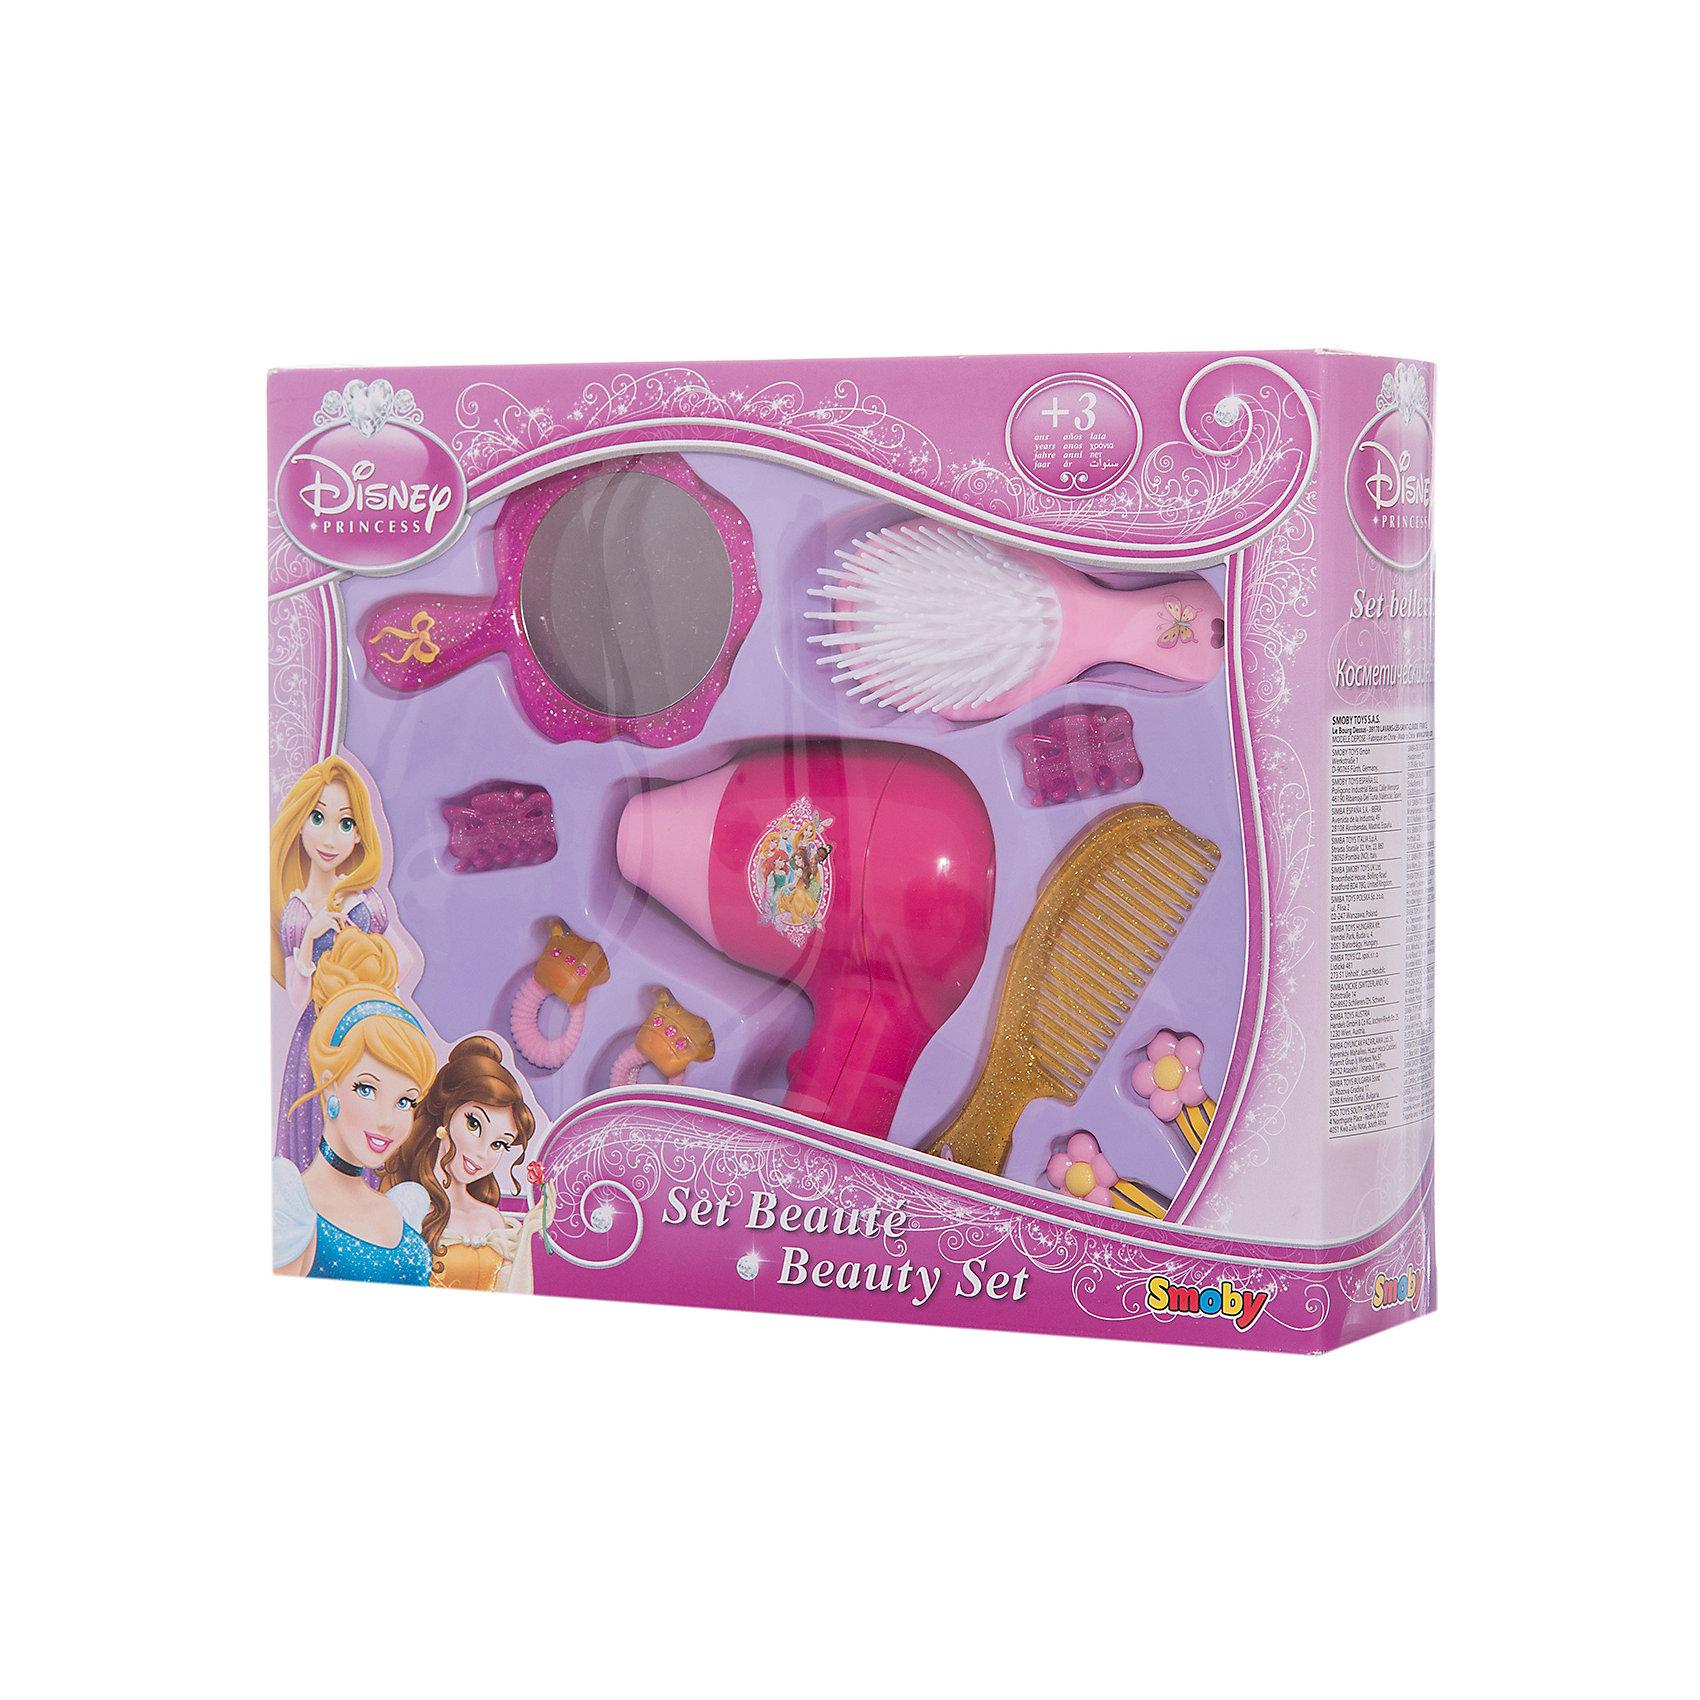 Набор парикмахера, Smoby, Принцессы ДиснейПринцессы Дисней<br>Характеристики:<br><br>• оформление в стиле: Disney Princess;<br>• аксессуары: щетка, расческа, фен, зажимы для волос, резинки, заколки, зеркальце;<br>• материал: пластик;<br>• размер упаковки: 35х27х8 см;<br>• вес: 430 г.<br><br>Сделать куклам прически, заплести косички или хвостики, украсить прическу бантиками или заколочками – с набором Smoby у девочки появится отличный шанс стать профессиональным парикмахером.<br><br>Набор парикмахера, Smoby, Принцессы Дисней можно купить в нашем магазине.<br><br>Ширина мм: 70<br>Глубина мм: 280<br>Высота мм: 220<br>Вес г: 300<br>Возраст от месяцев: 36<br>Возраст до месяцев: 120<br>Пол: Женский<br>Возраст: Детский<br>SKU: 5258962